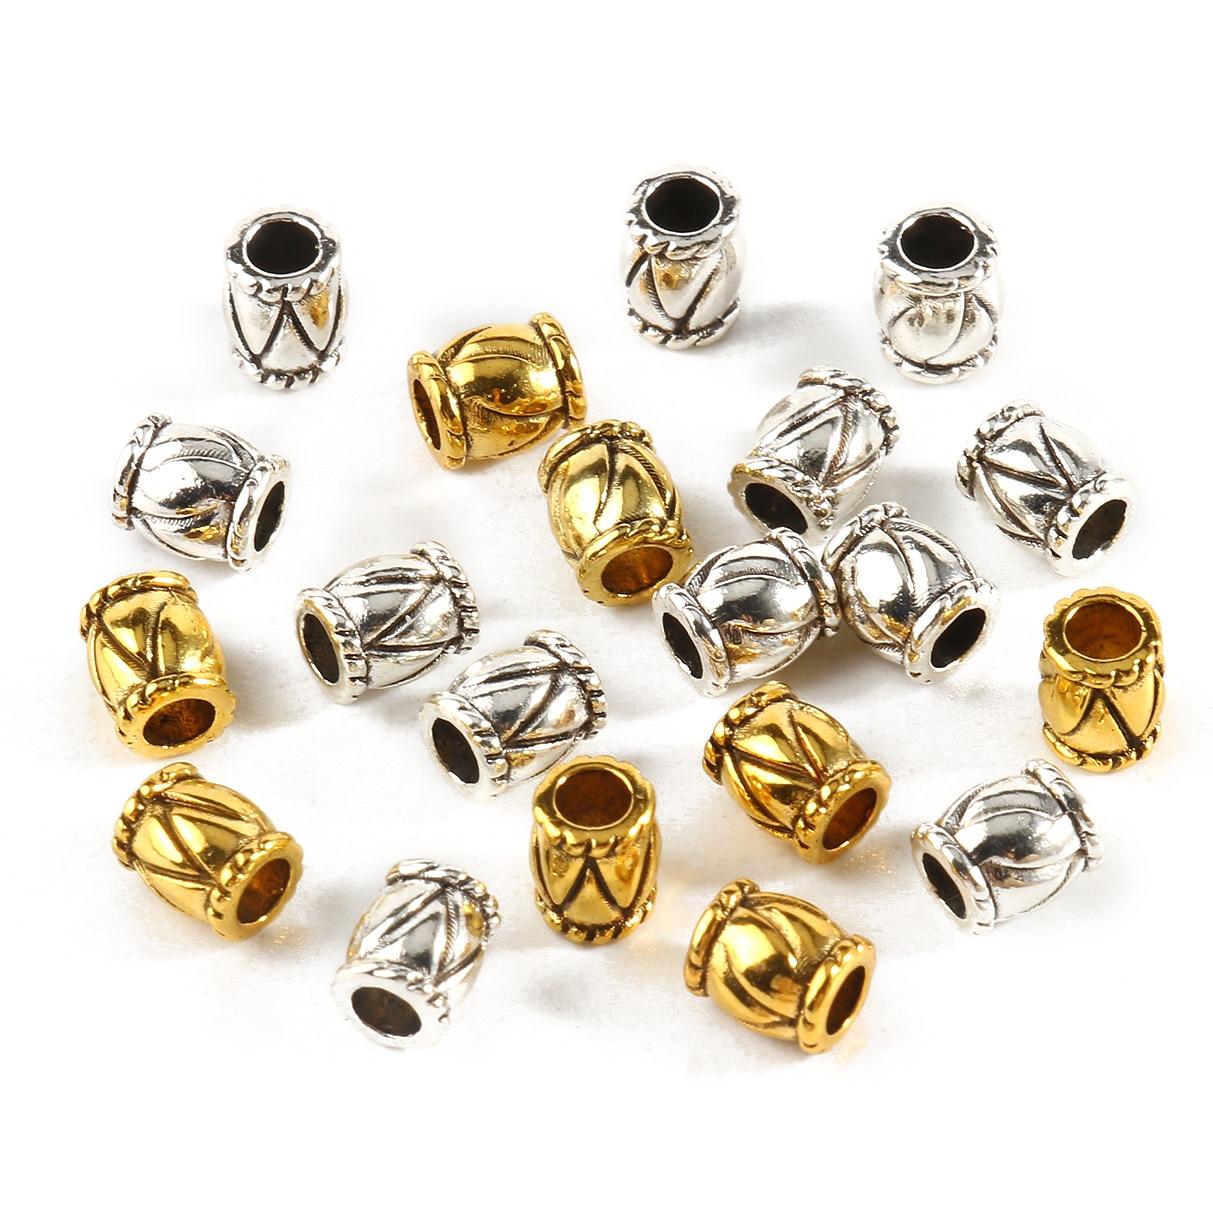 Металлические бусины золотого и серебряного цвета, цилиндрические полые граненые Квадратные бусины из сплава для изготовления ювелирных и...